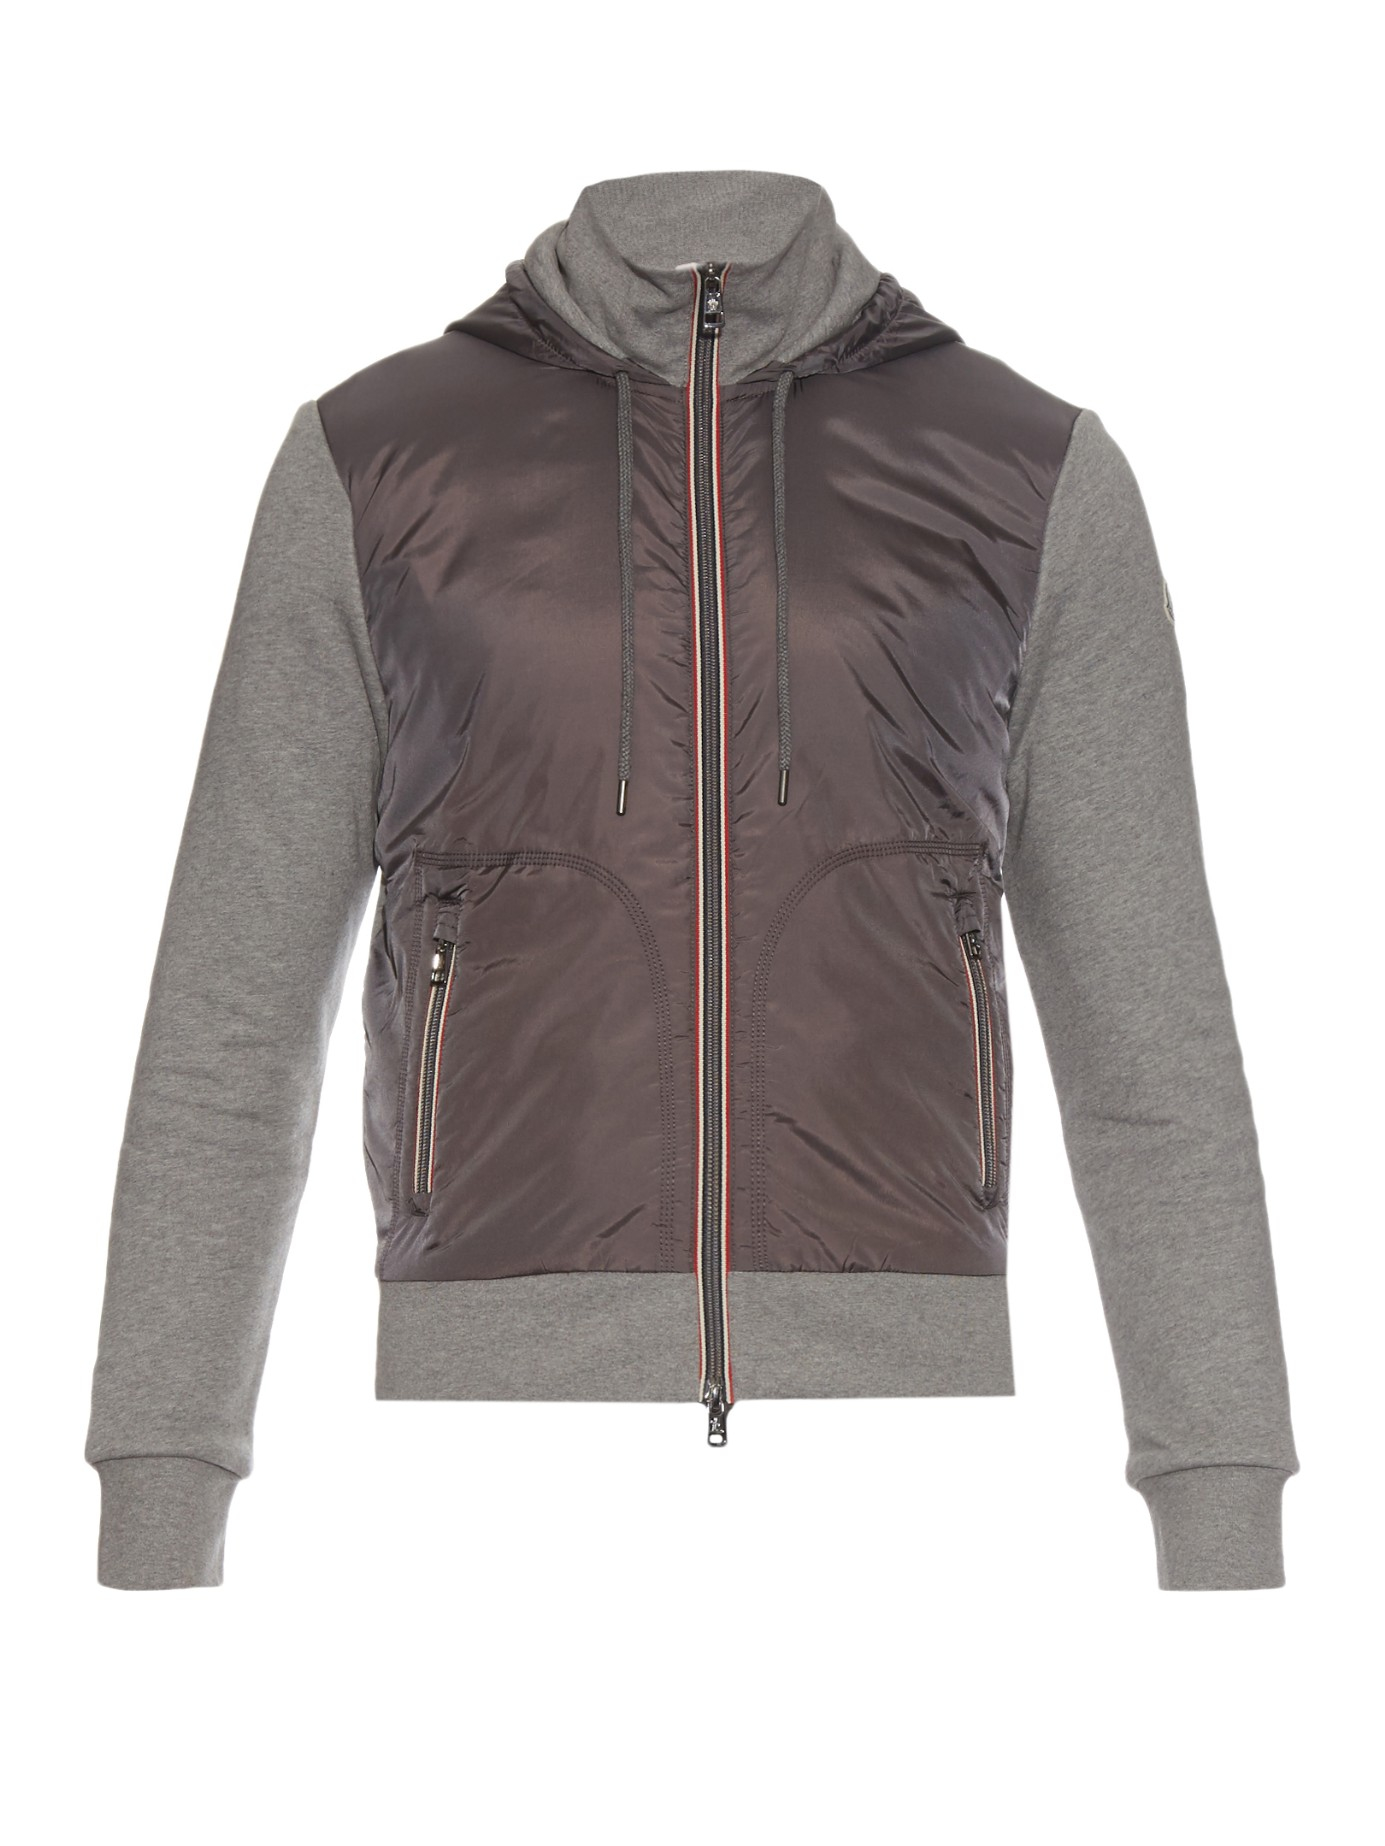 moncler grey sweatshirt